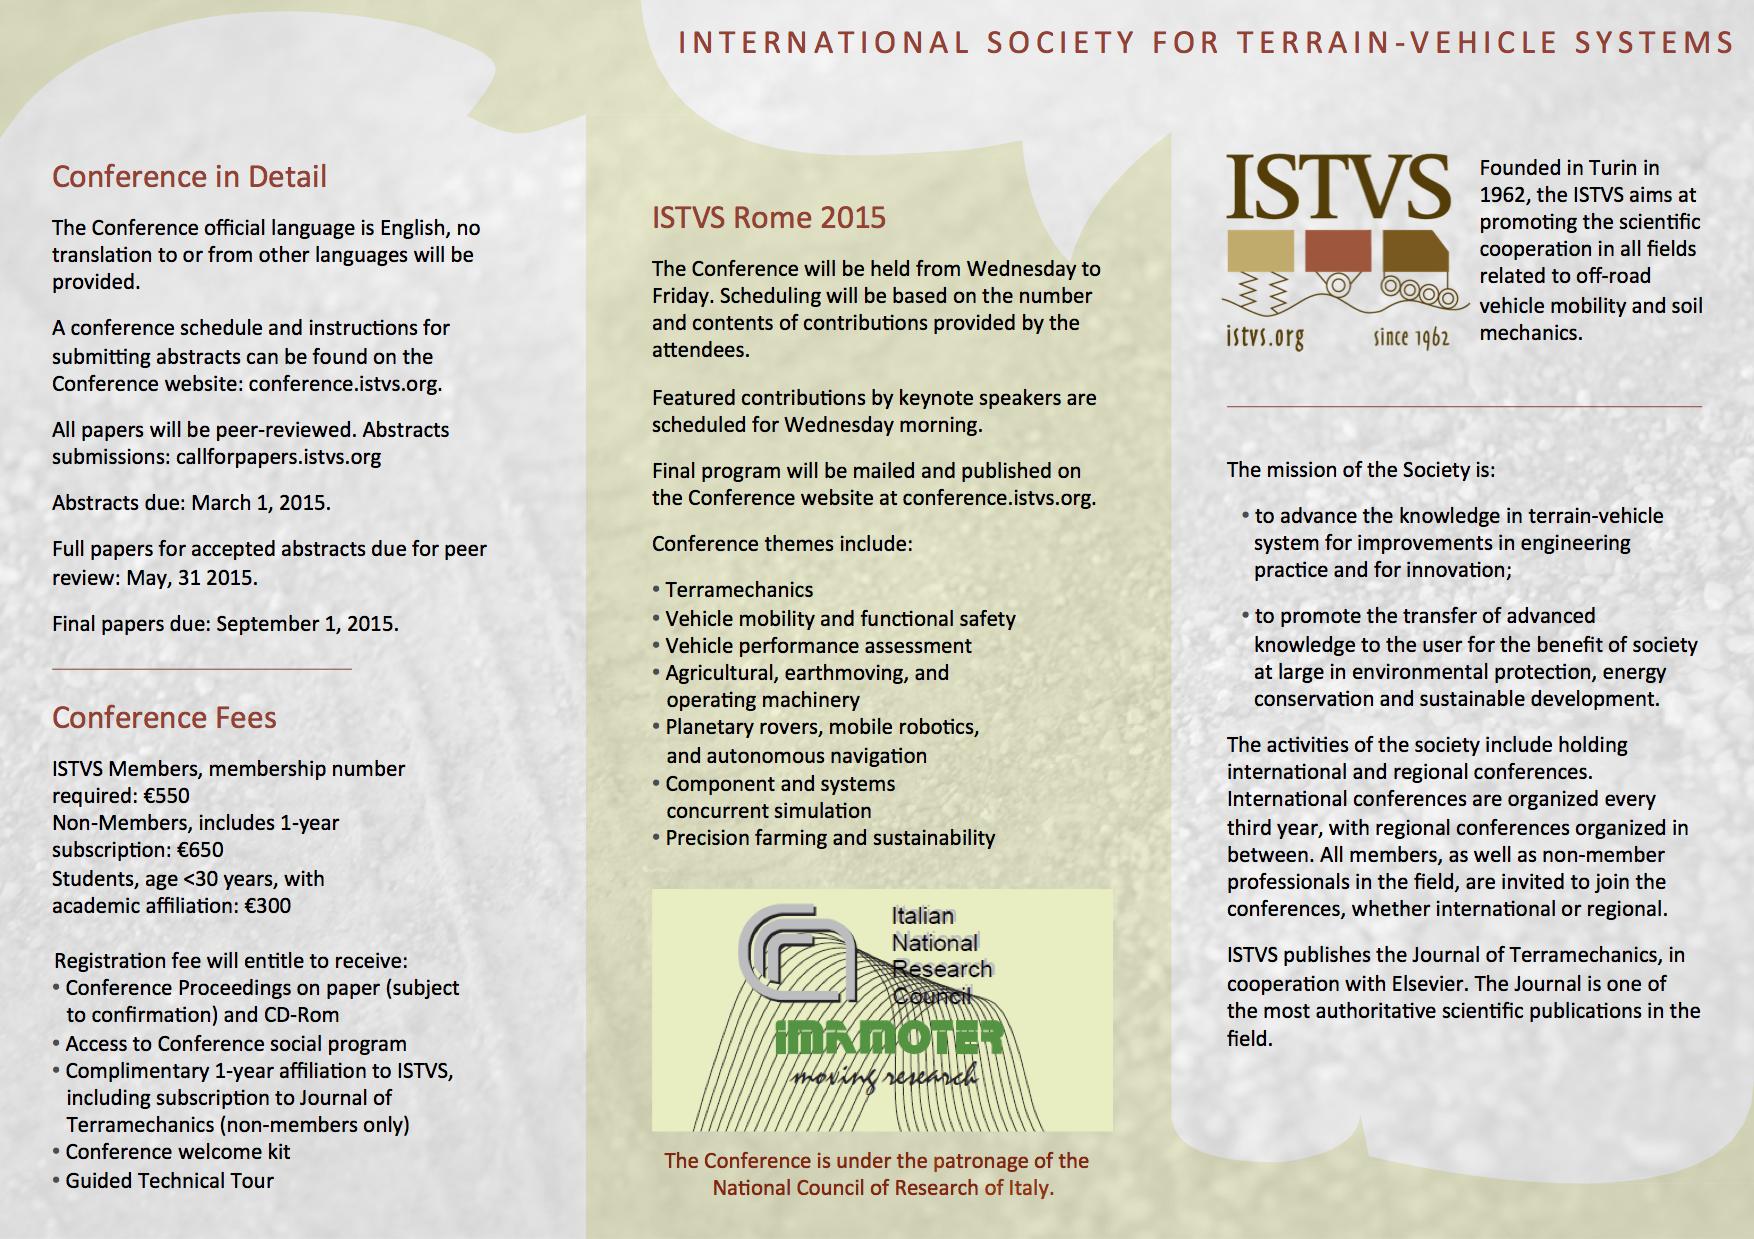 brochure_ISTVS2015ROME_rev13JAN2015_p2.png